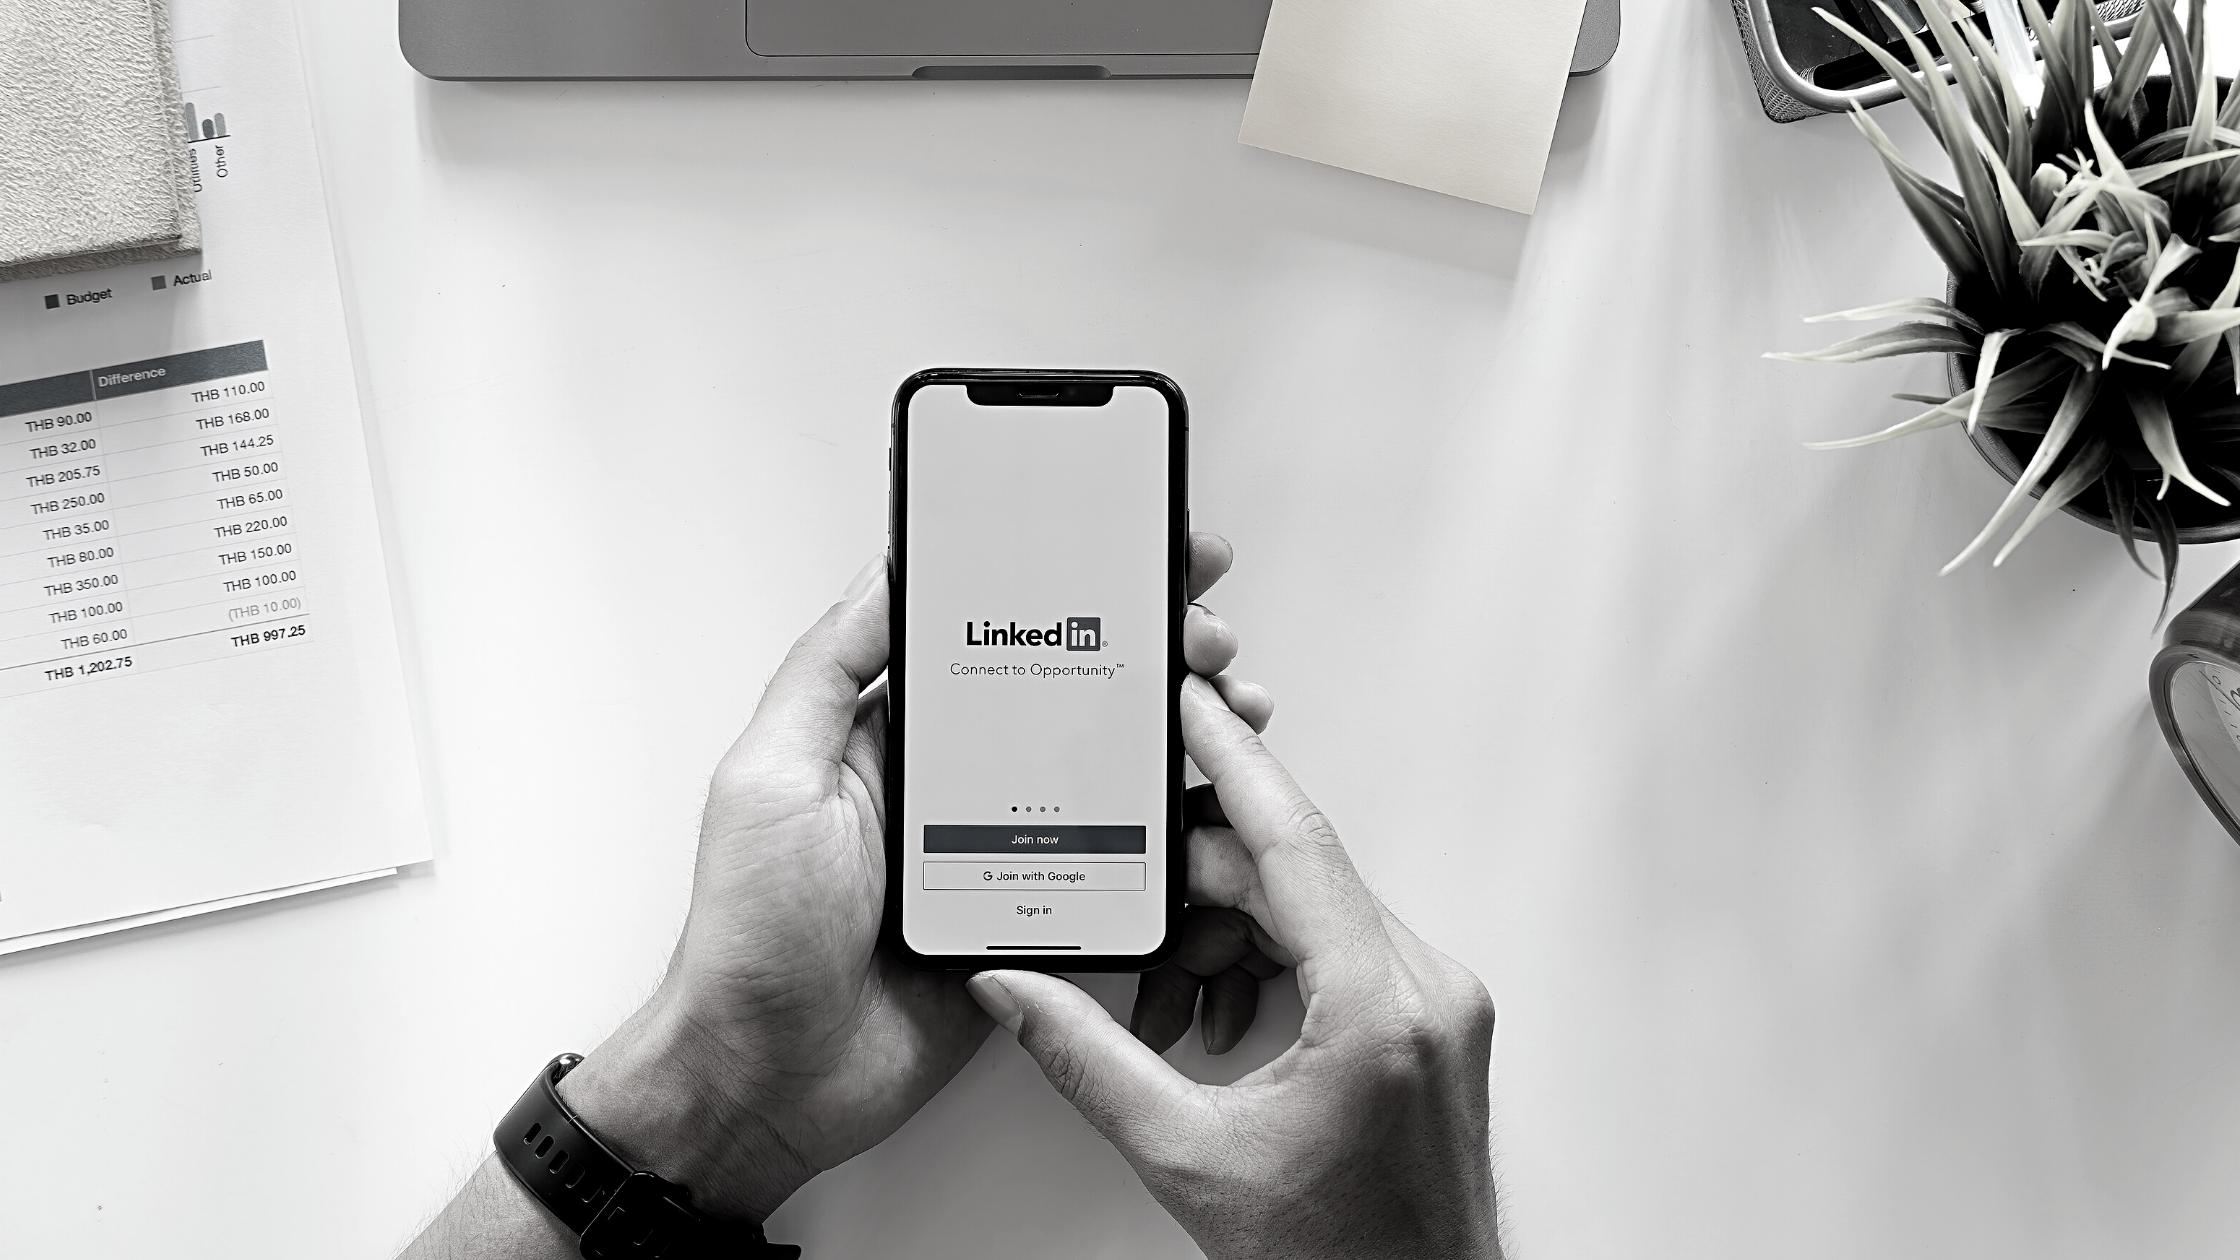 phone screen with linkedin login